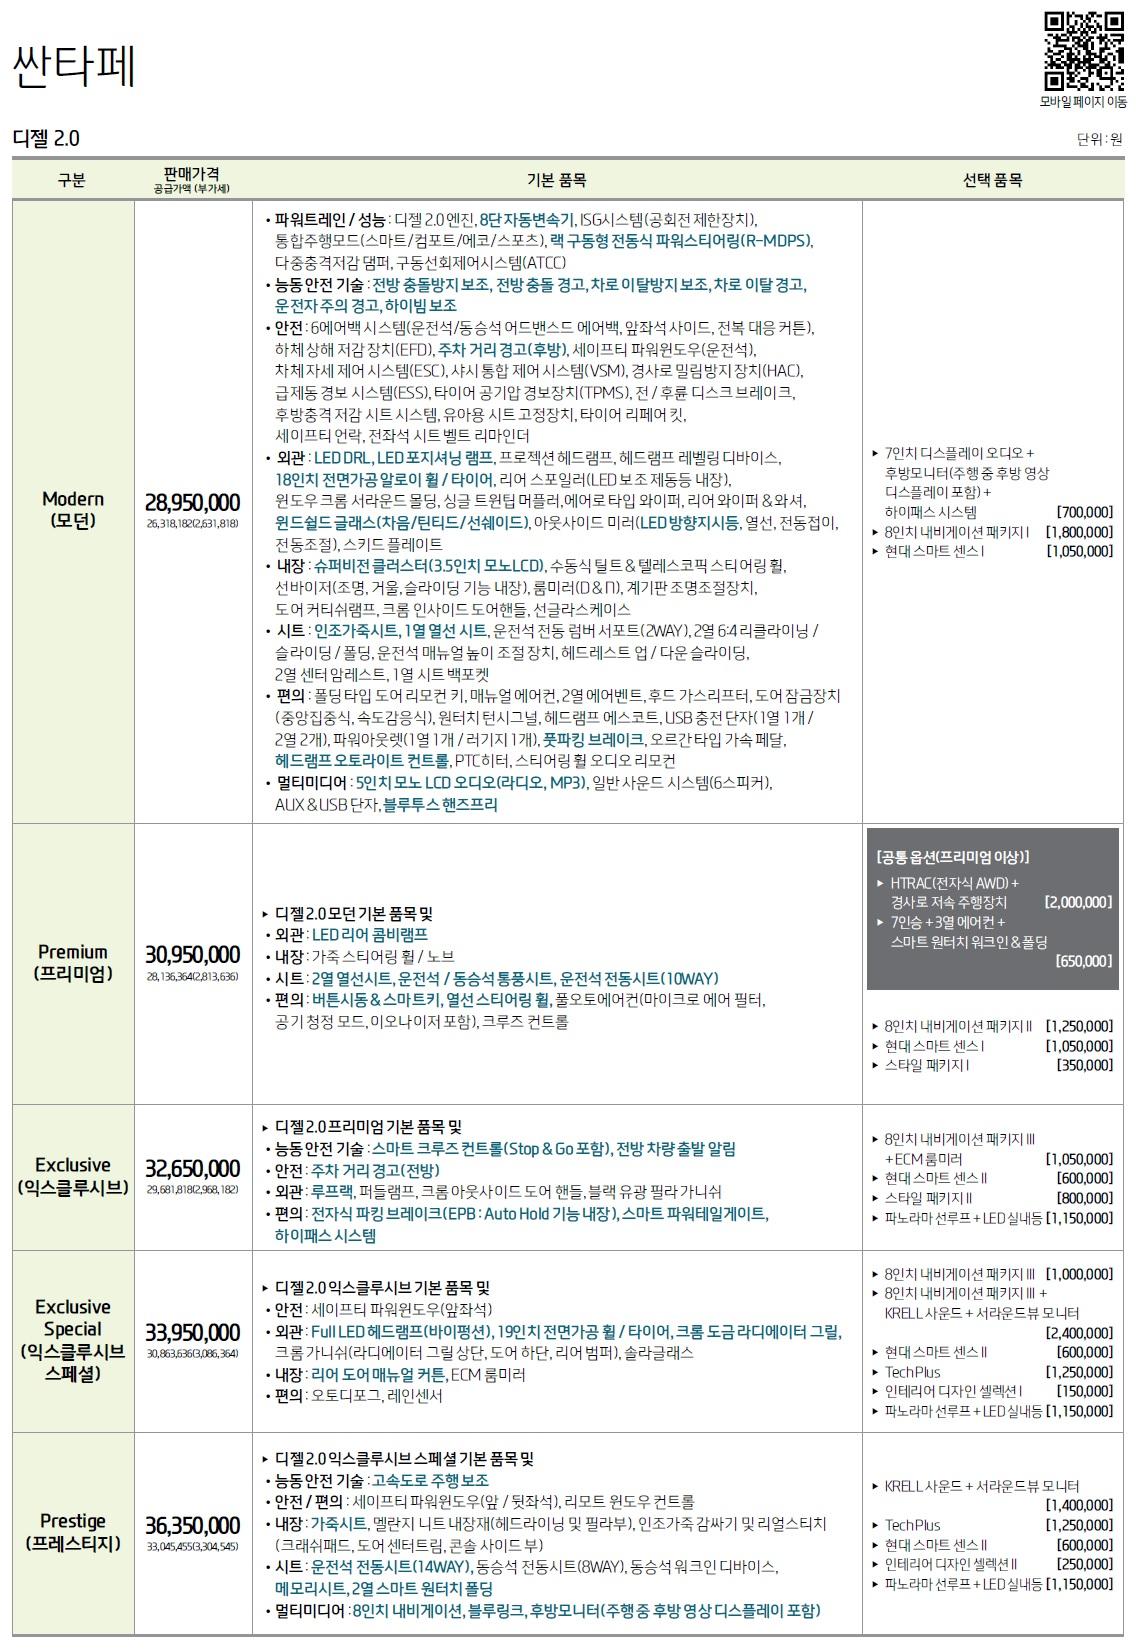 싼타페TM 가격표 - 2018년 02월 -1.jpg